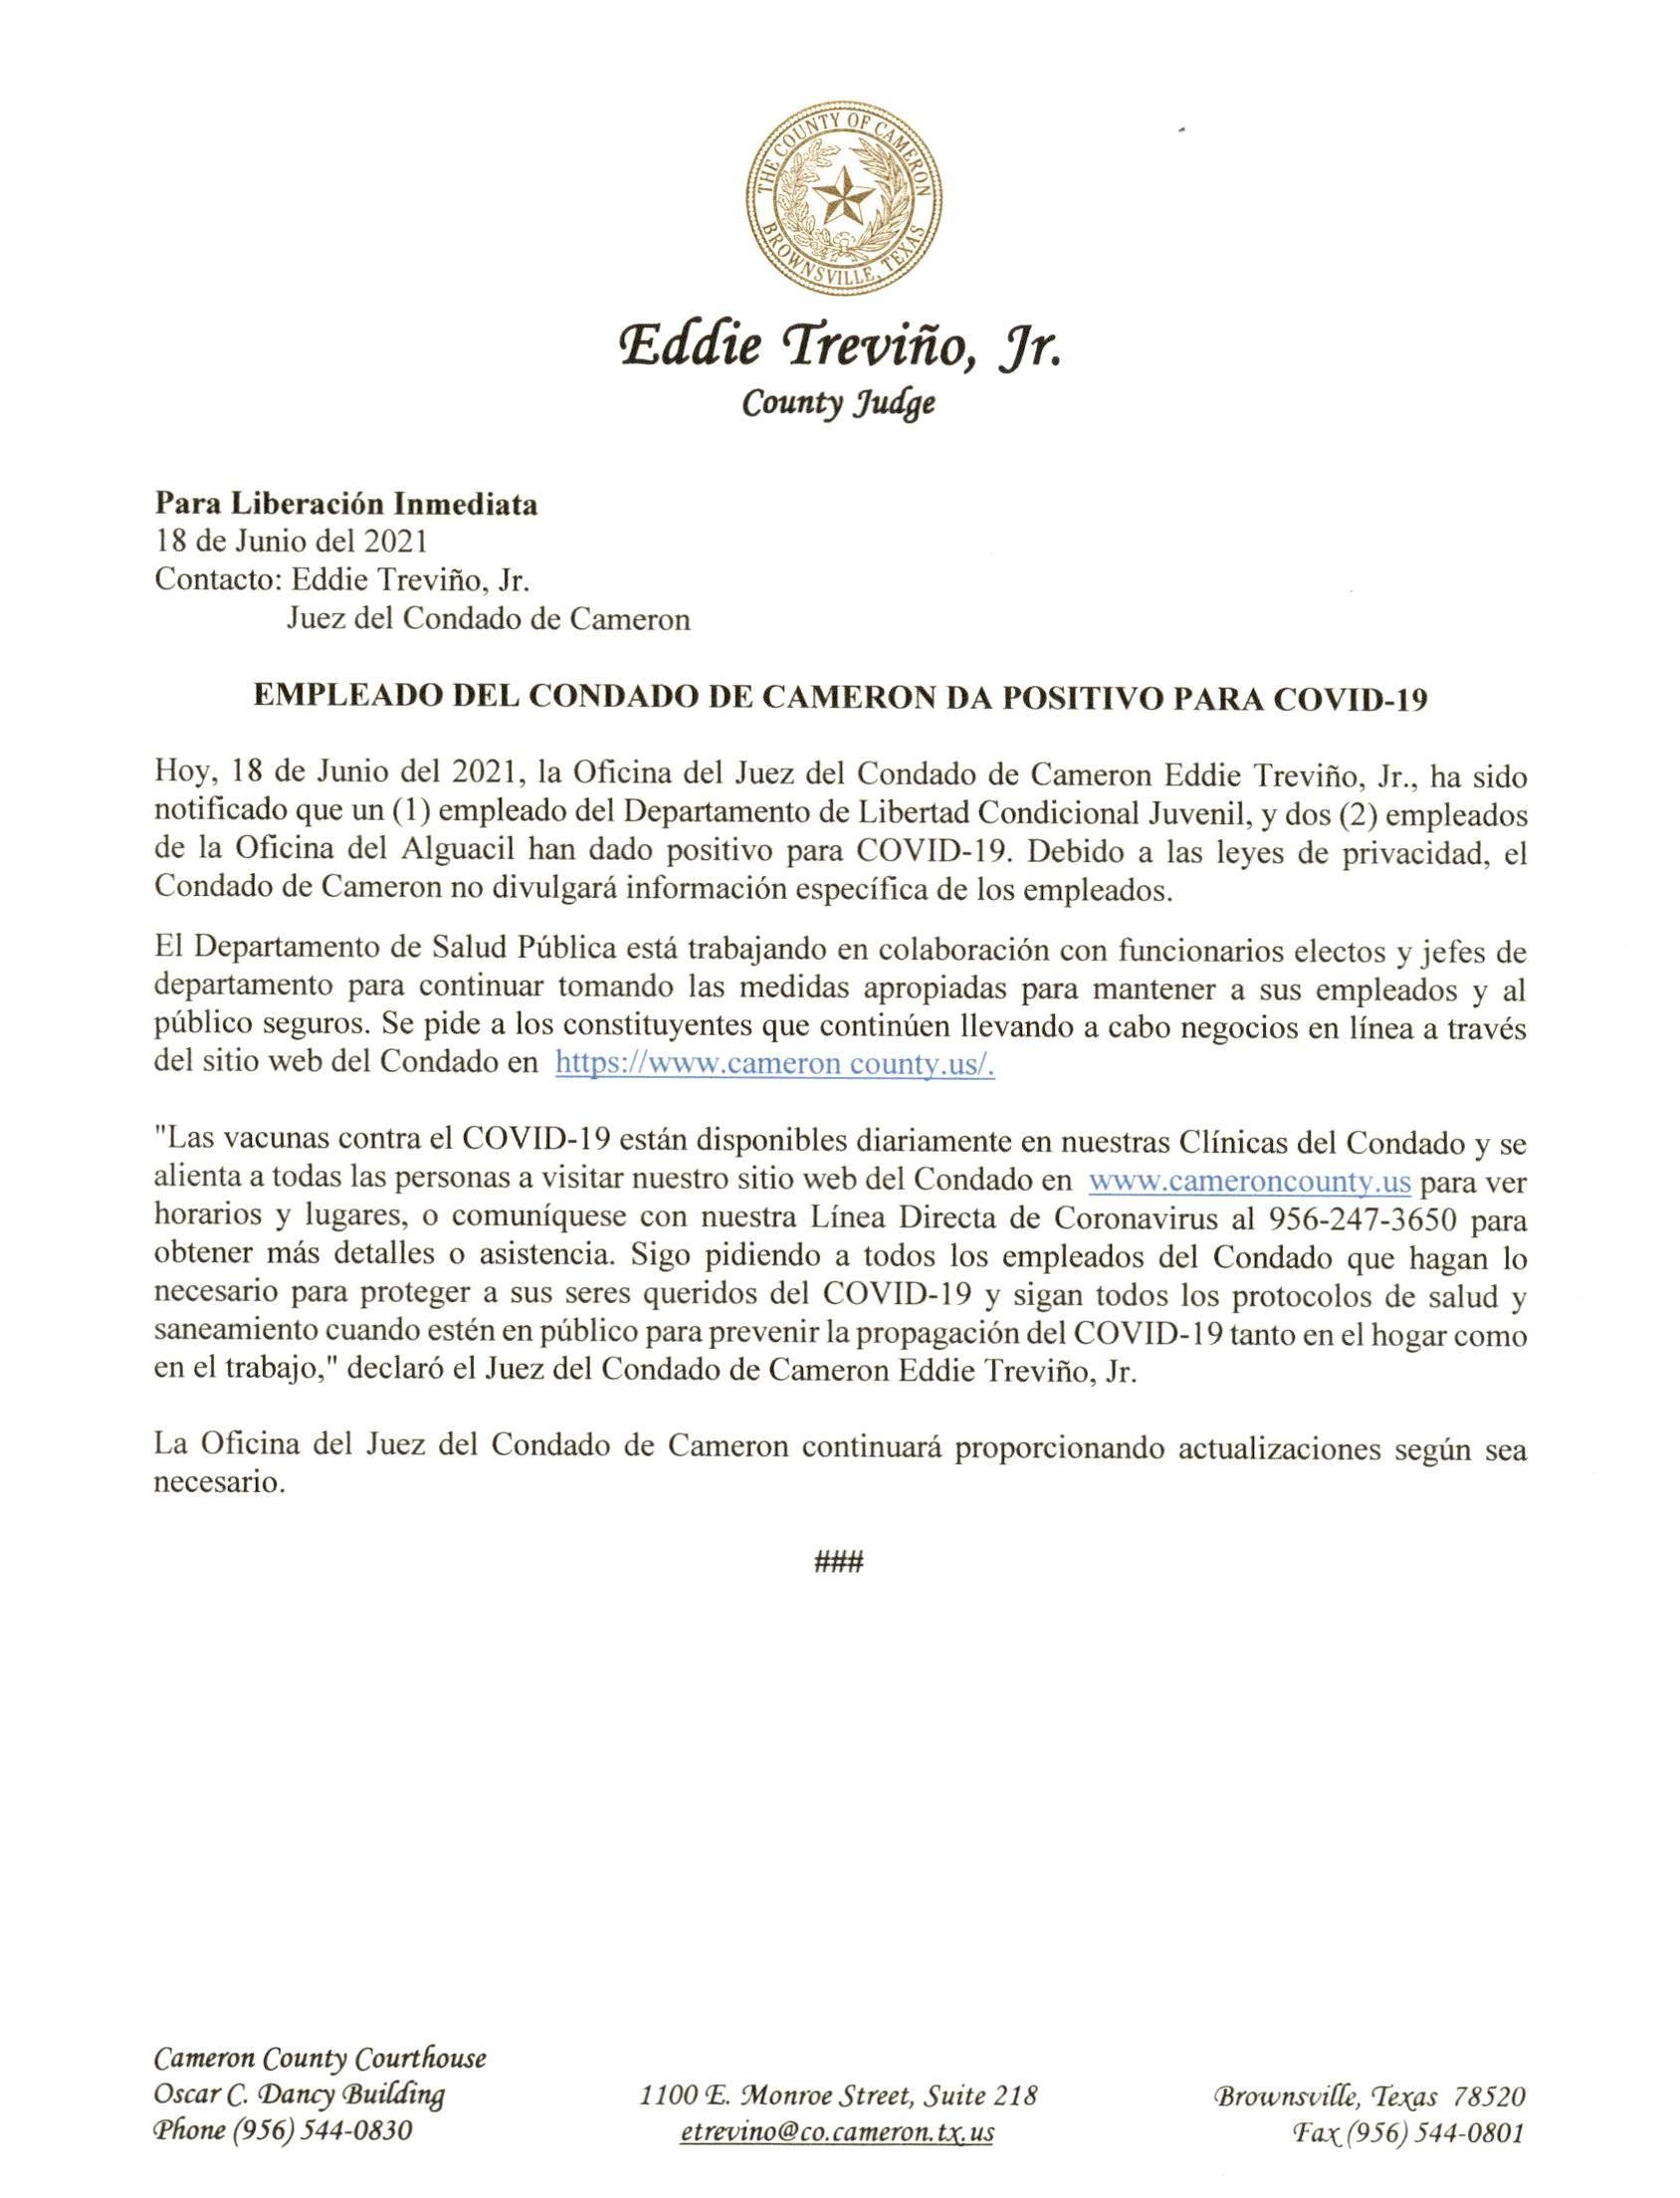 2021.06.18 PR Empleados Del Condado De Cameron Da Positivo Para COVID 19